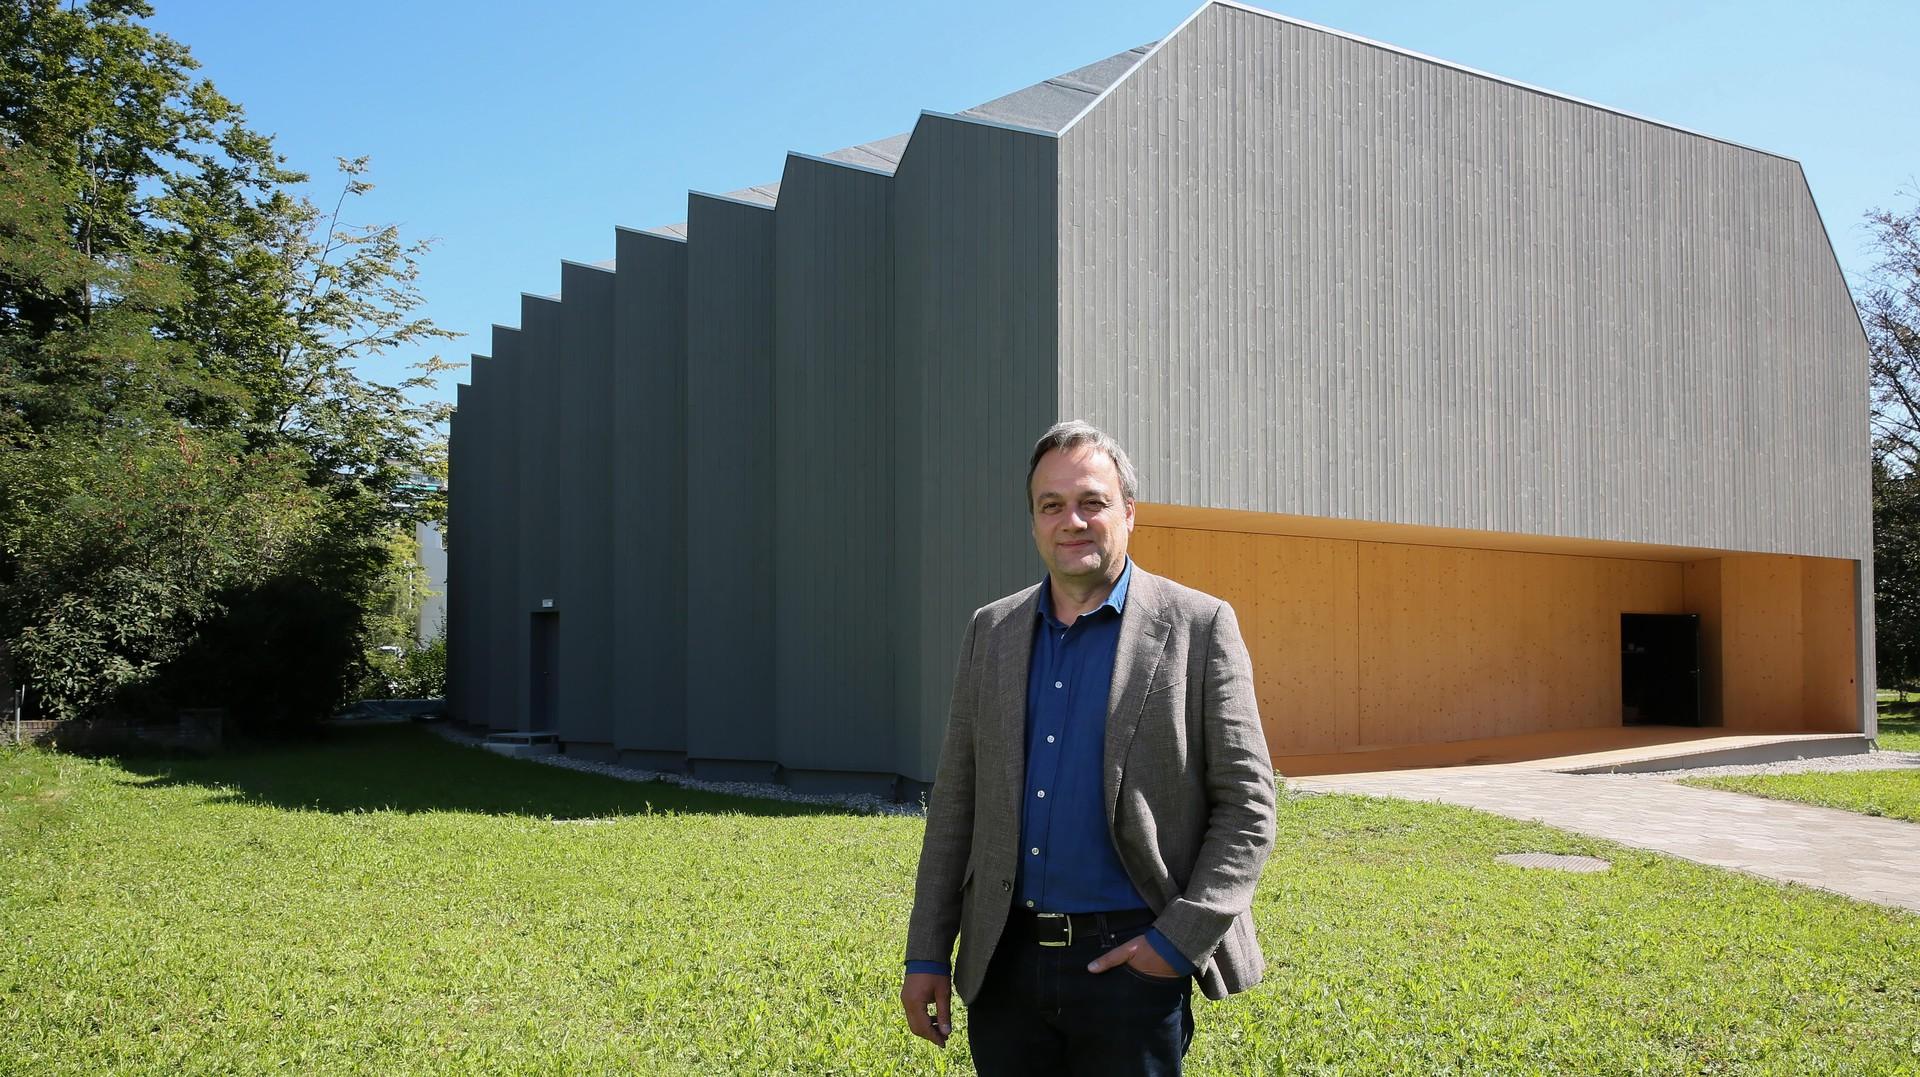 @ Alain Herzog / EPFL